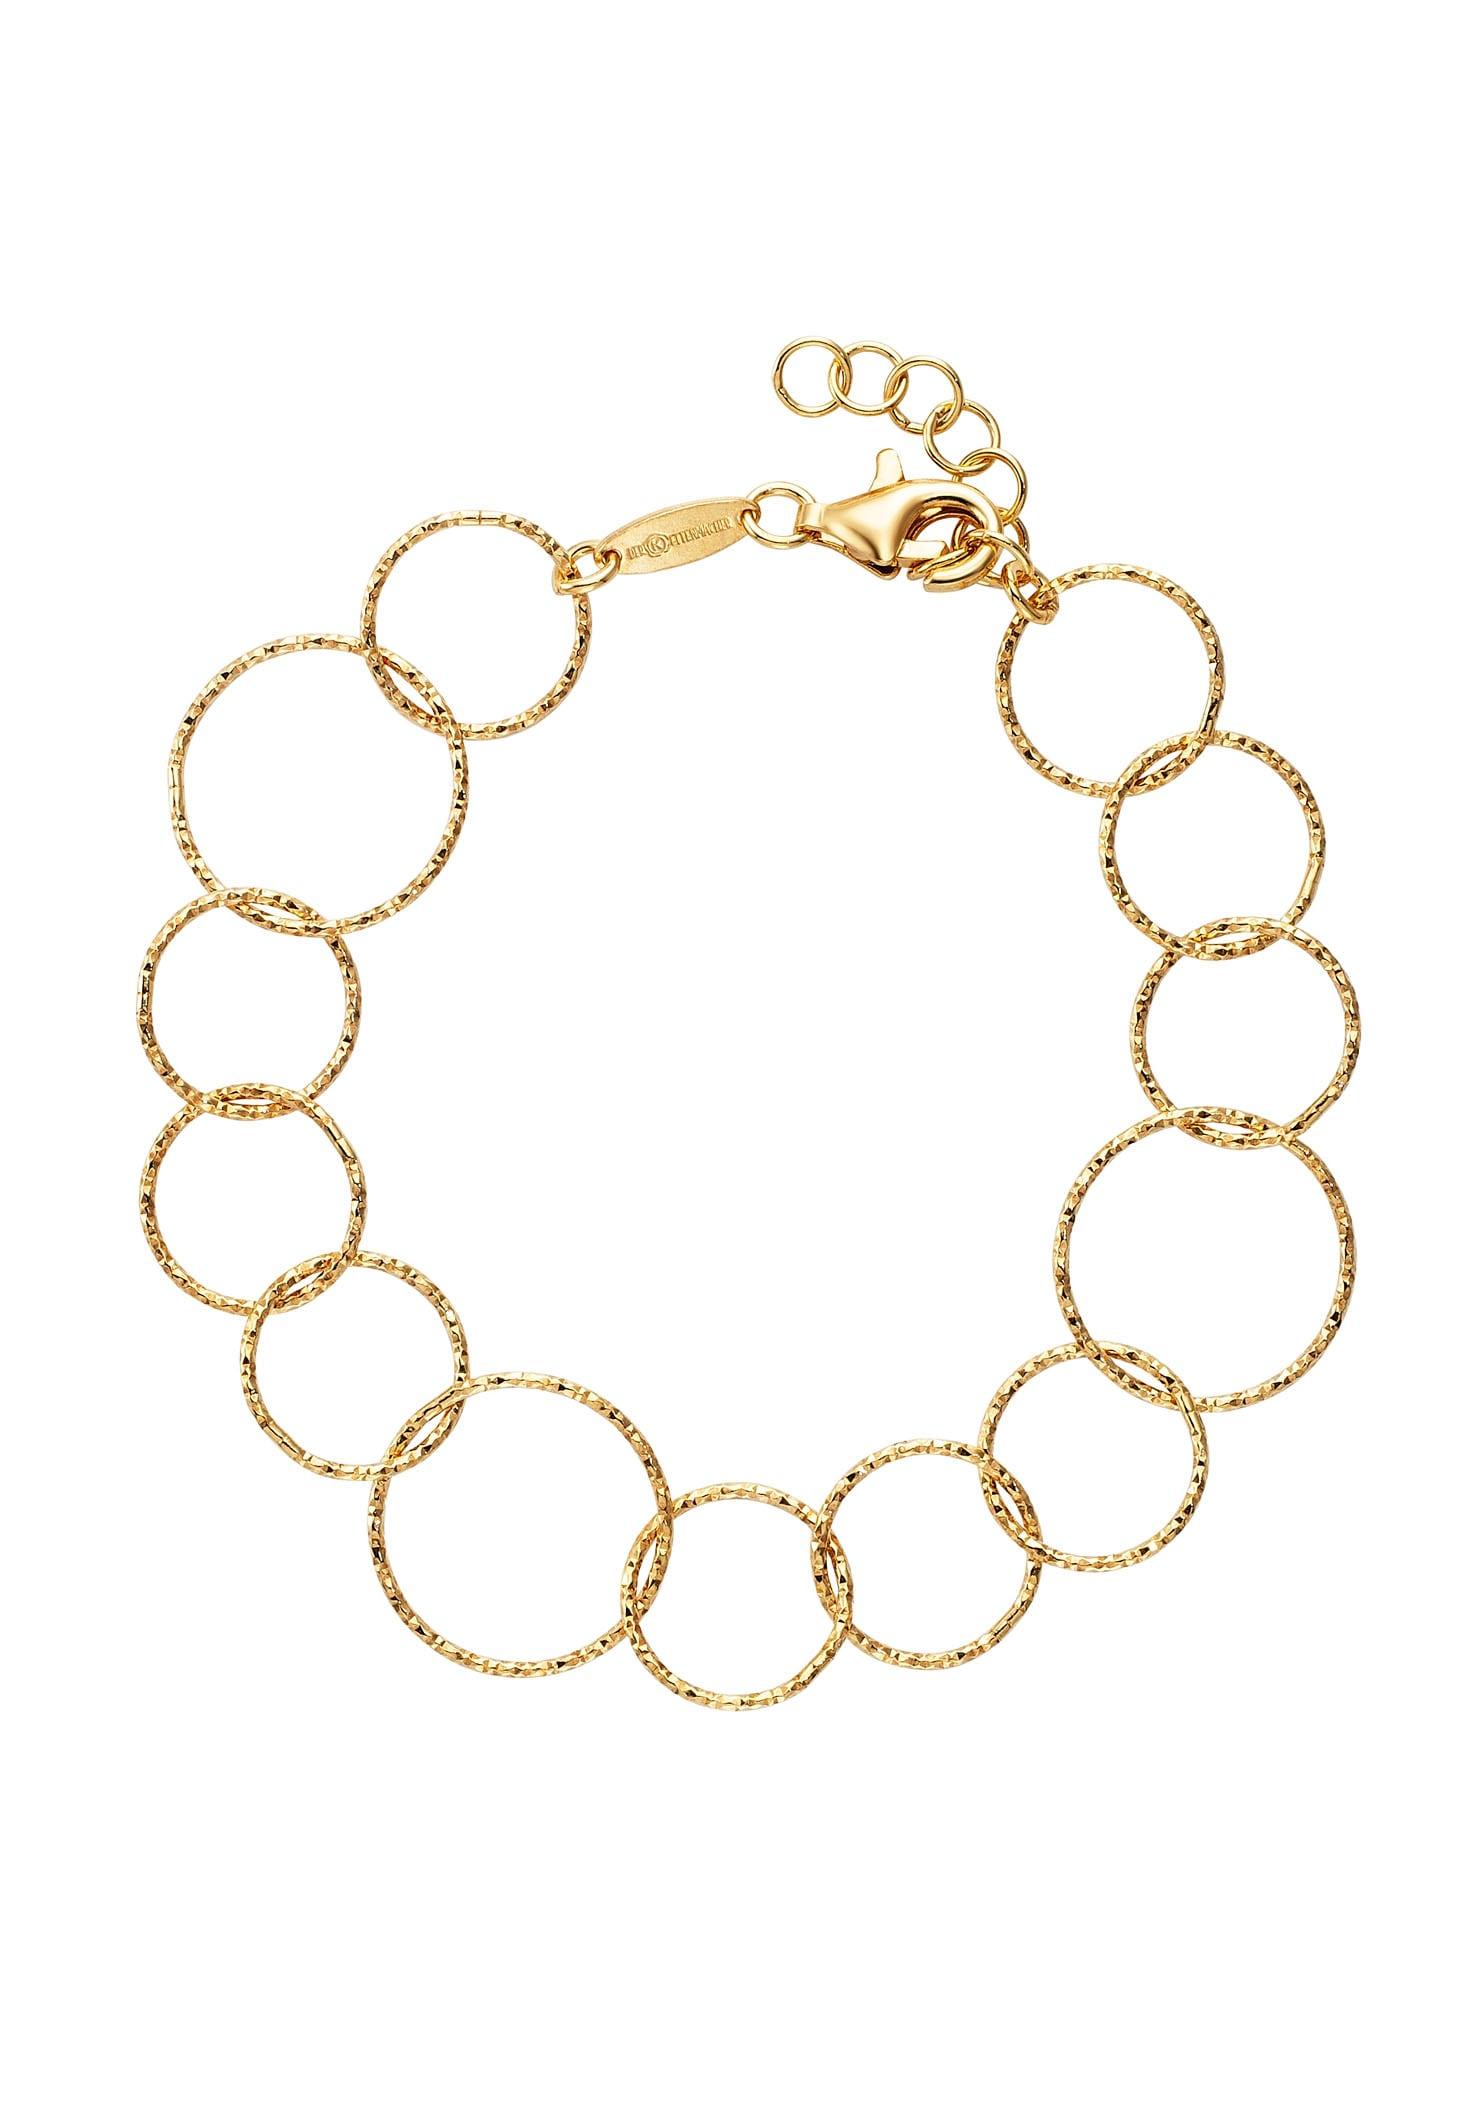 Der Kettenmacher Armband RING DESIGN, RK-19G, RK-19S günstig online kaufen